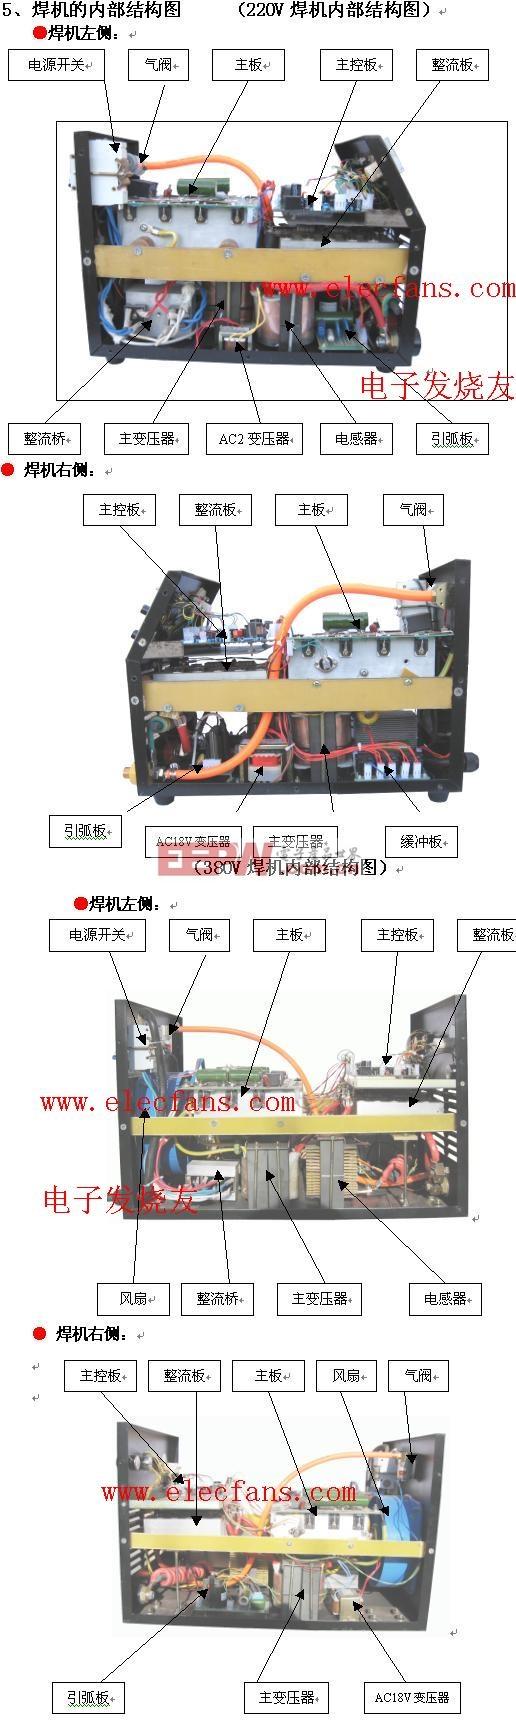 200电气原理框图焊机接线图(220v焊机)焊机接线图